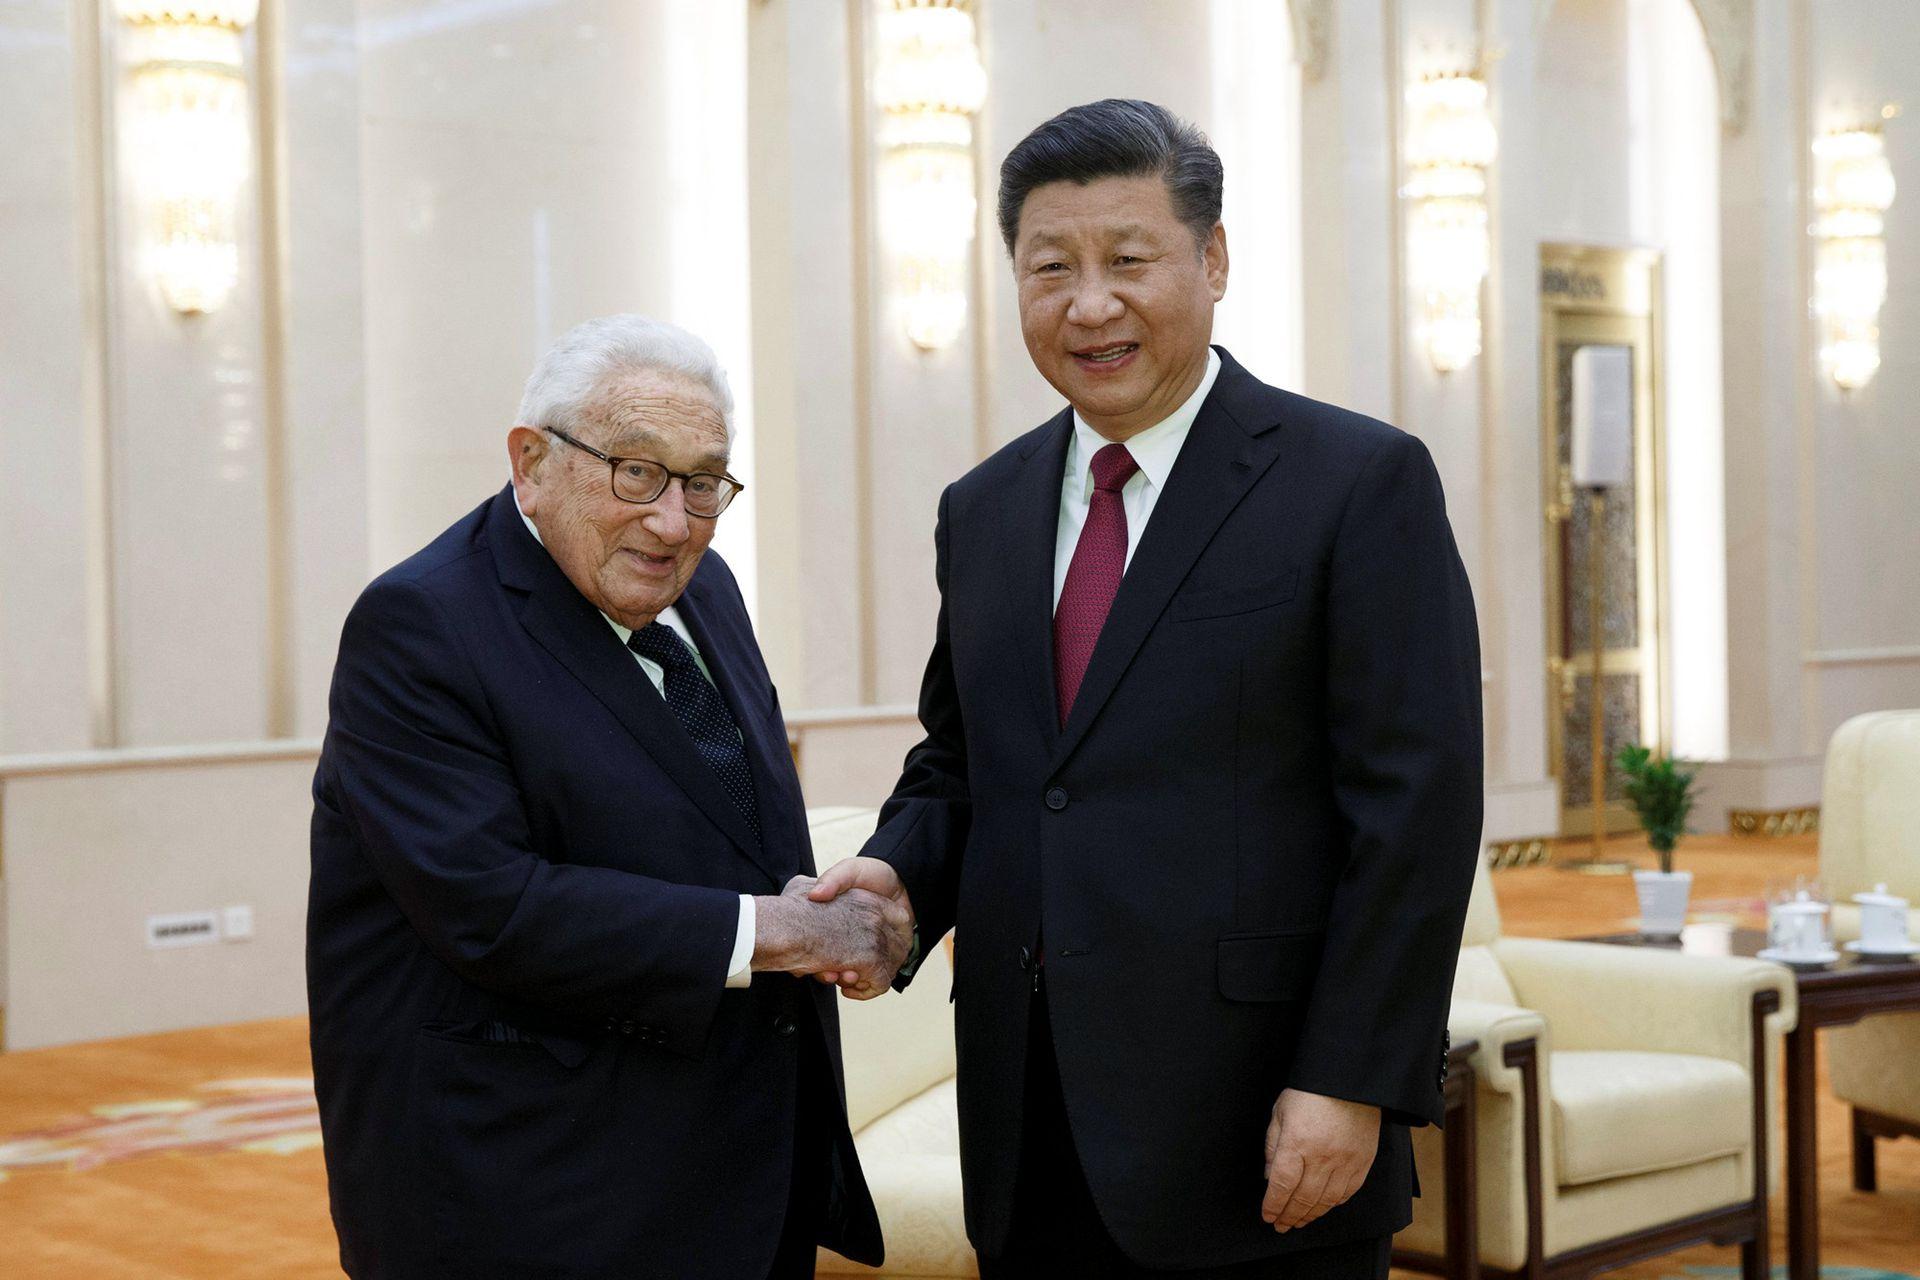 基辛格:任何國家都不可能實現霸權 過去50年中國做出驚人貢獻